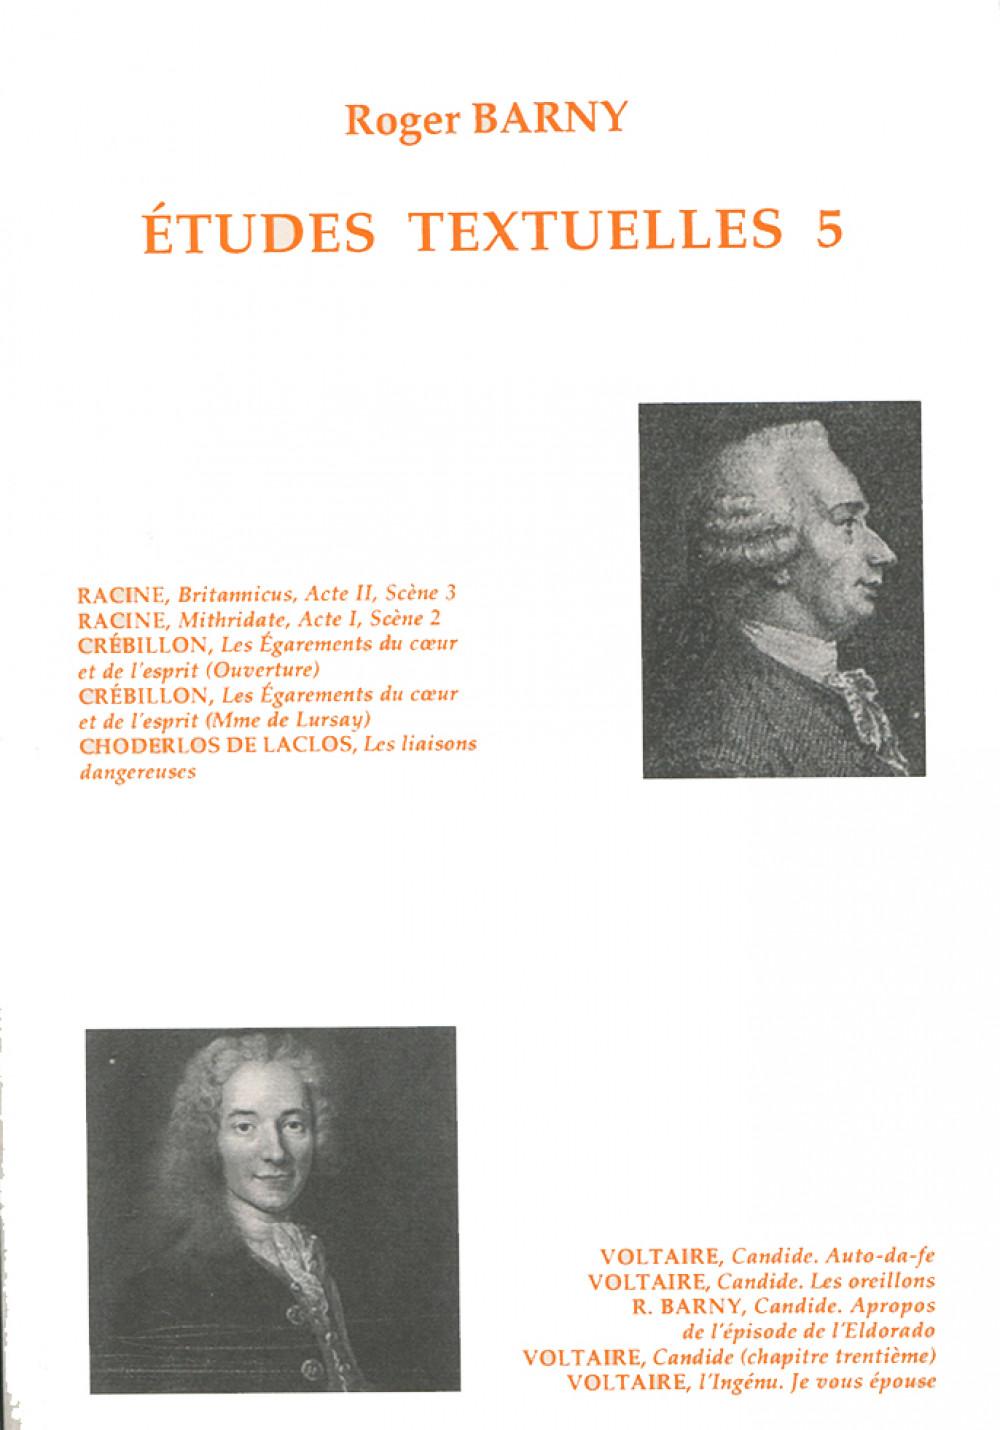 Etudes textuelles 5